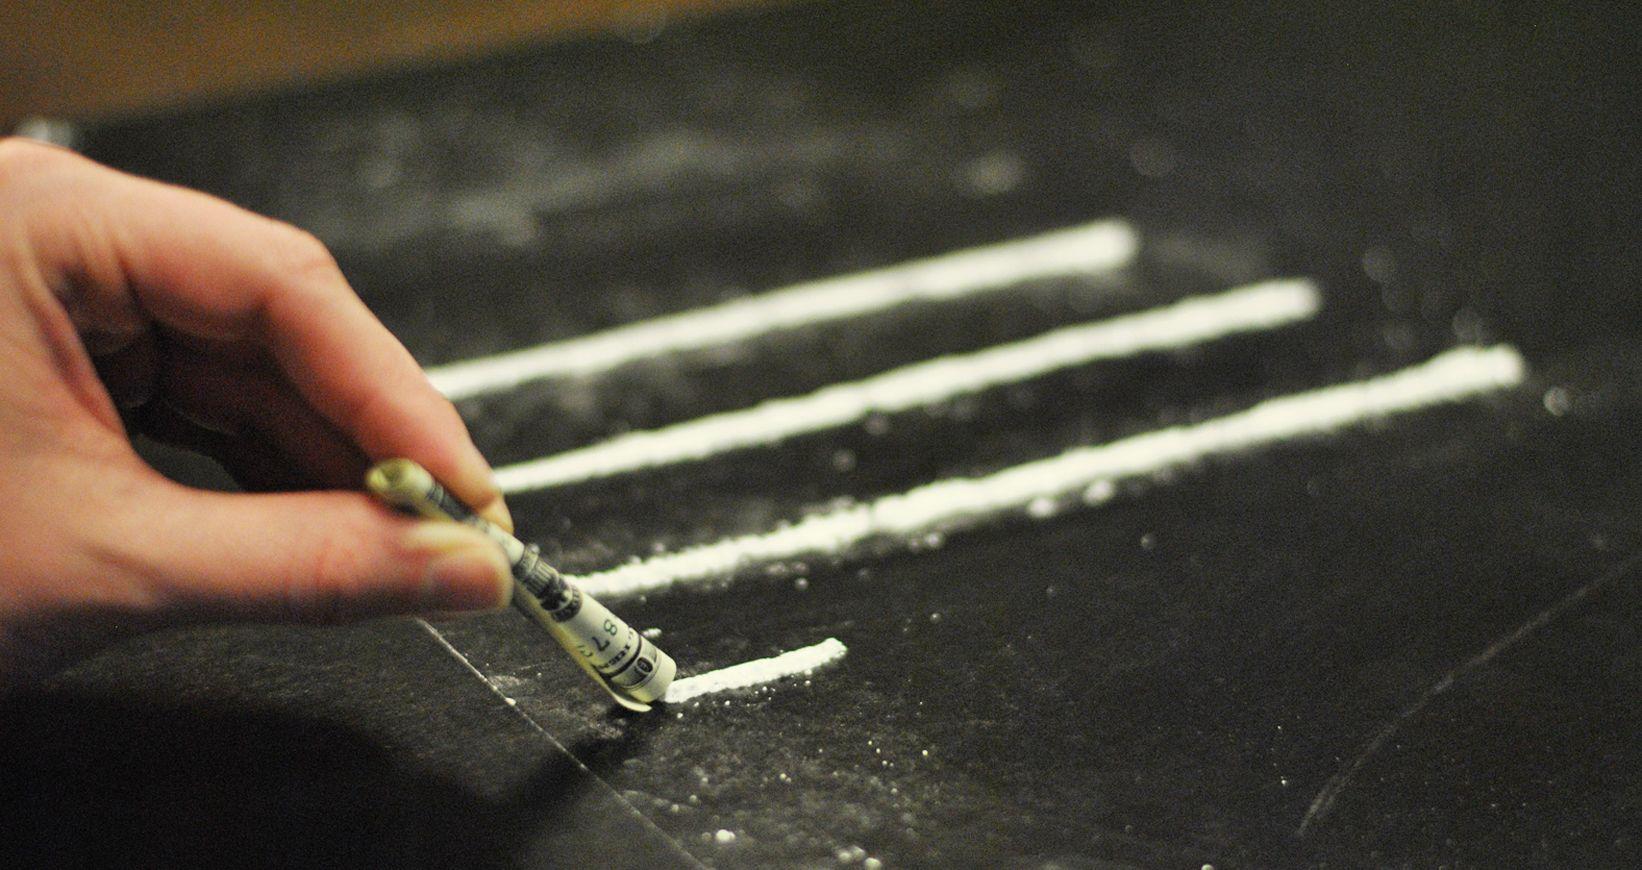 Entre 1990 et 2010, le nombre de morts au Mexique et en Colombie dus au trafic de drogue s'établissait à près de 600 000.